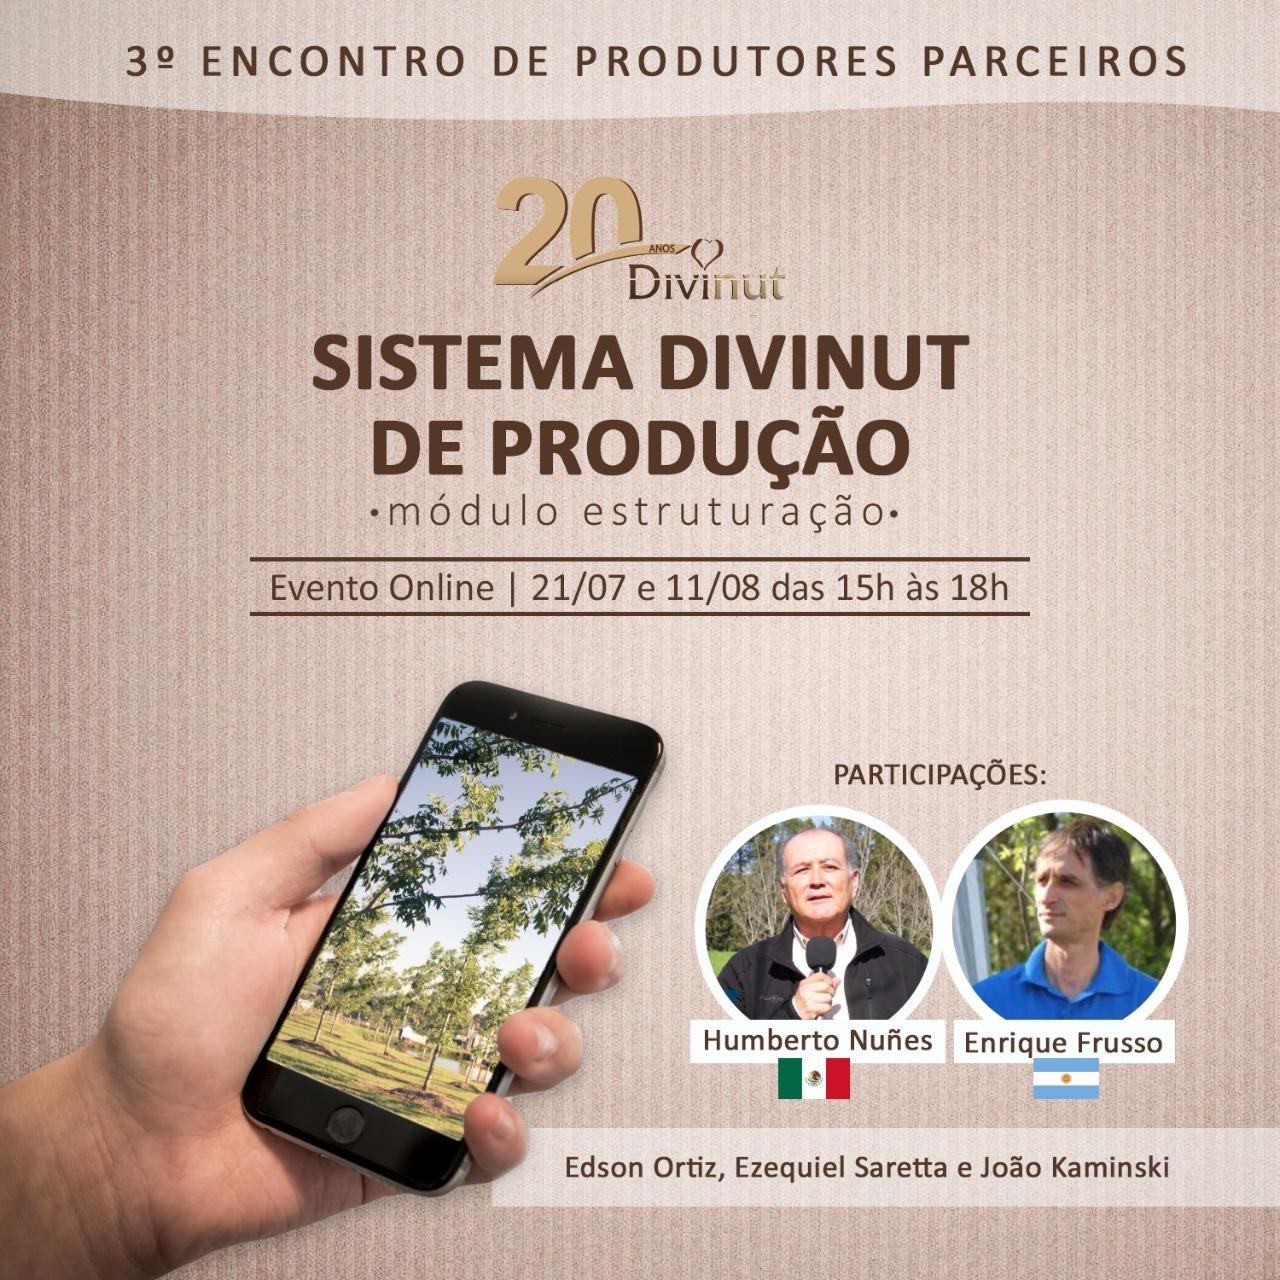 3° ENCONTRO DE PRODUTORES PARCEIROS DIVINUT EM ESTRUTURAÇÃO